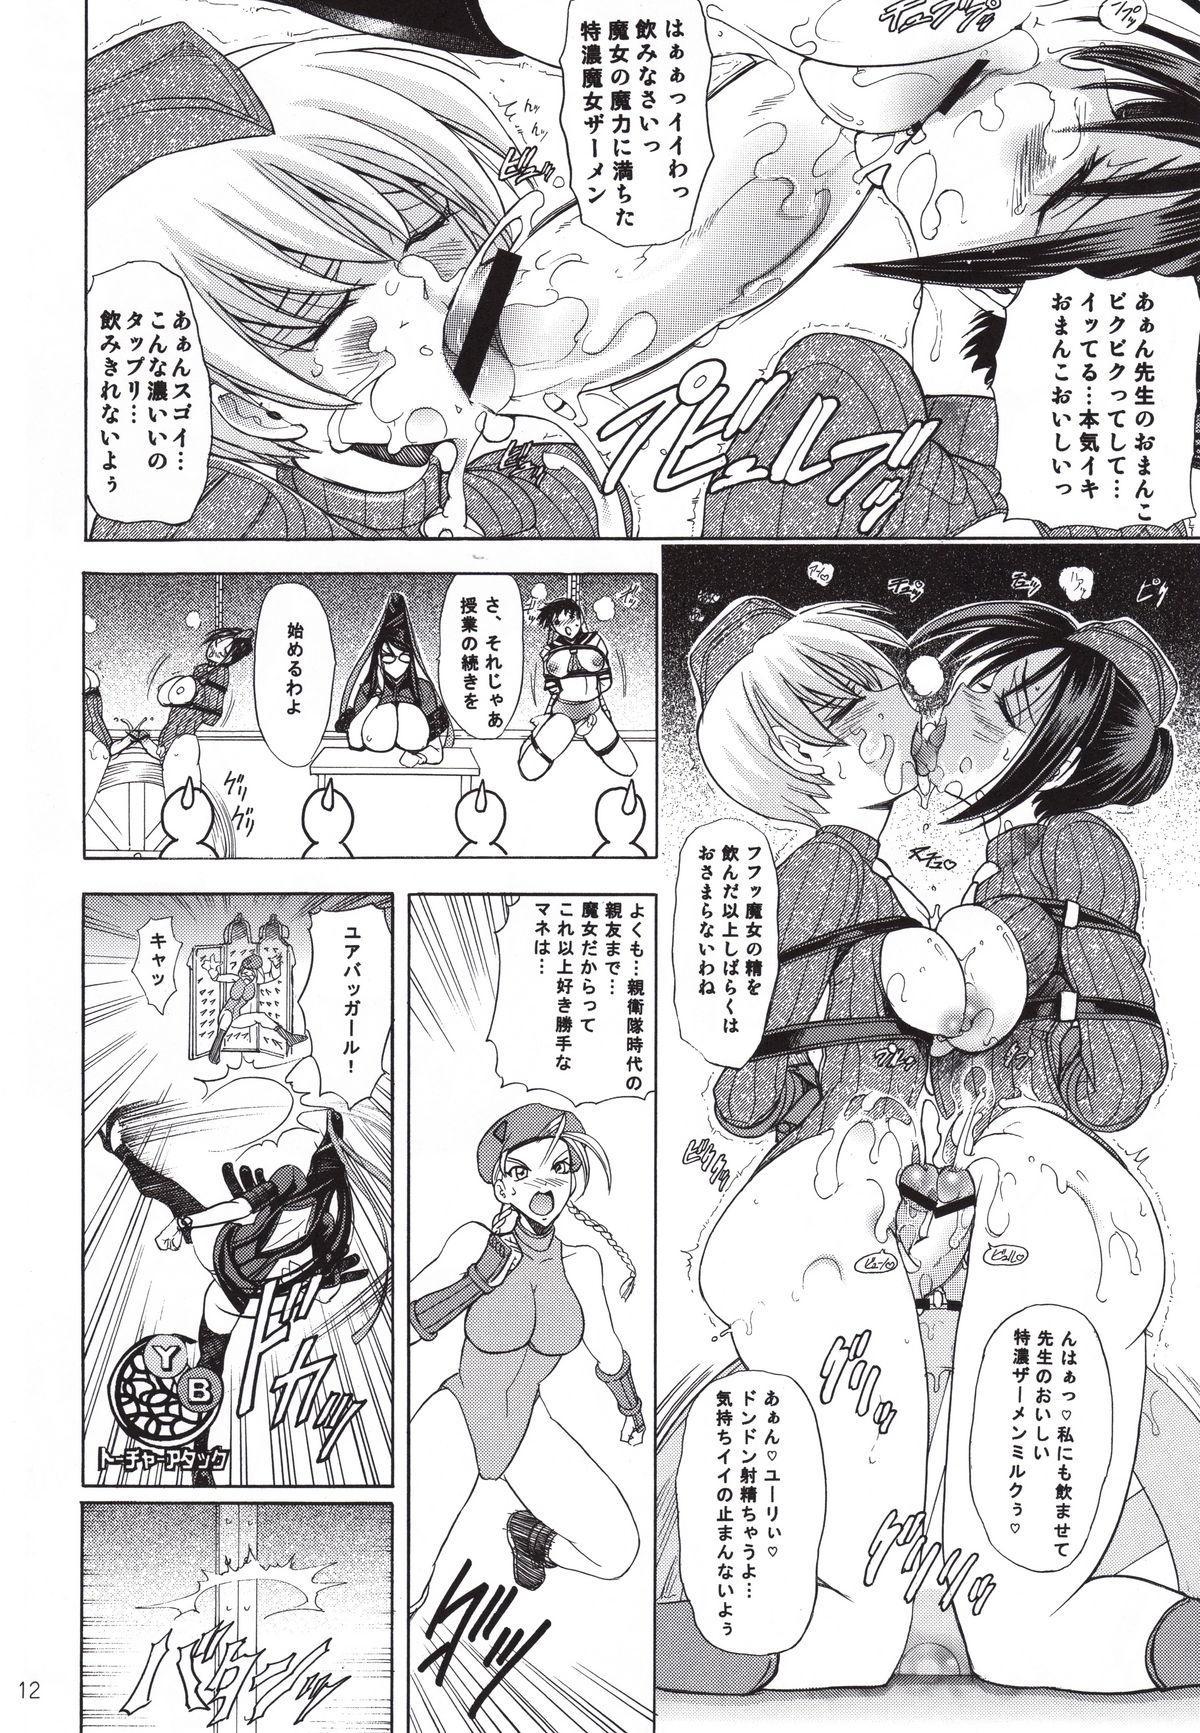 (C77) [Kawaraya Honpo (Kawaraya A-ta)] Hana - Maki no Juukyuu - Kuroki Hana (Bayonetta, Street Fighter, Darkstalkers) 11